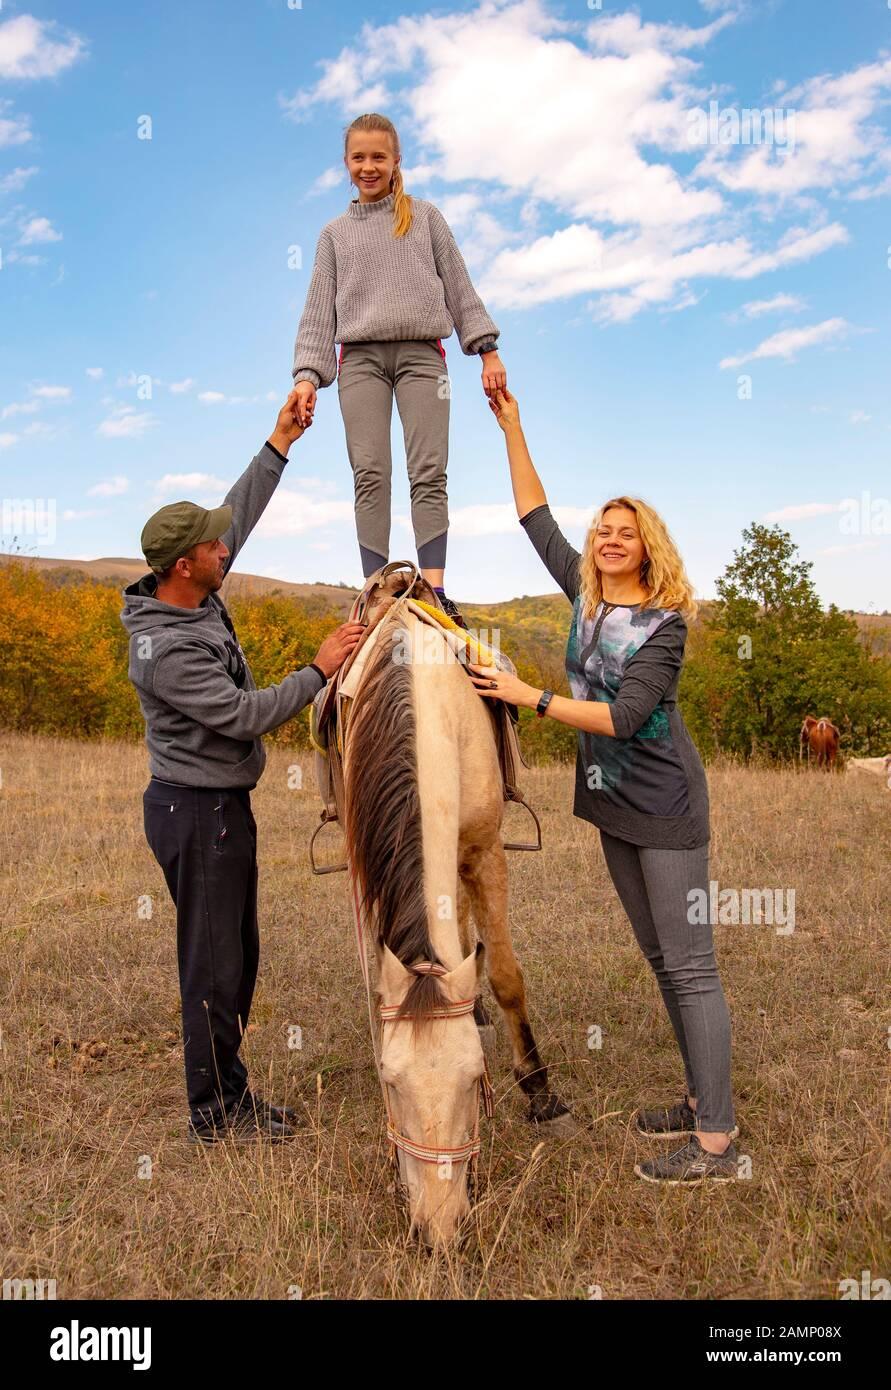 Una niña adolescente se encuentra en un caballo, apoyada por adultos a ambos lados. Foto de stock